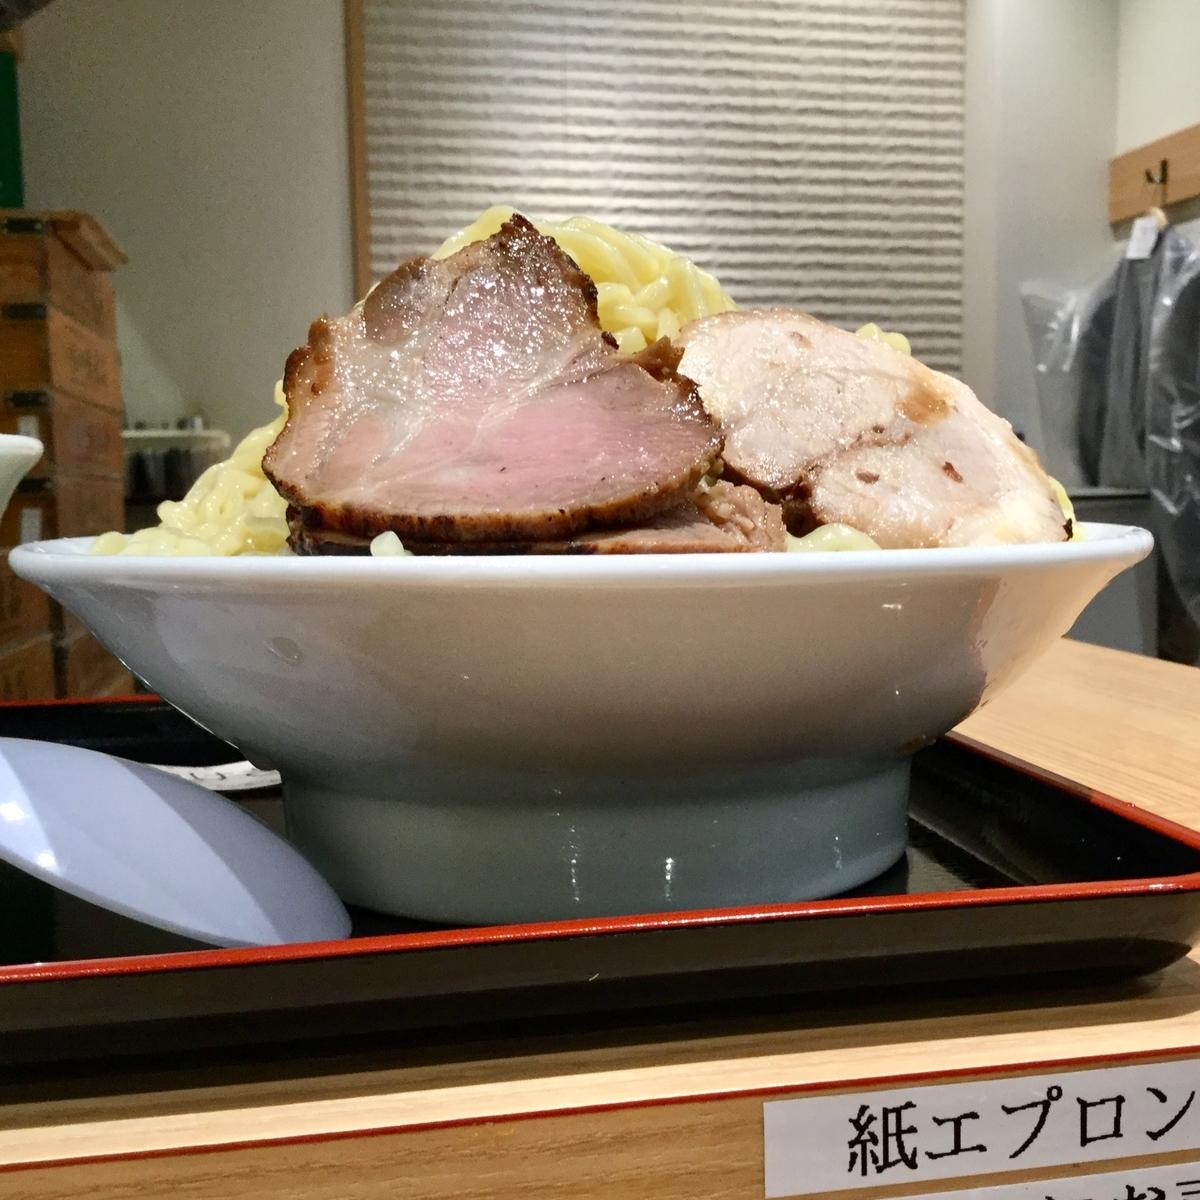 f:id:yumeusagiyukiusagi:20190920220904j:plain